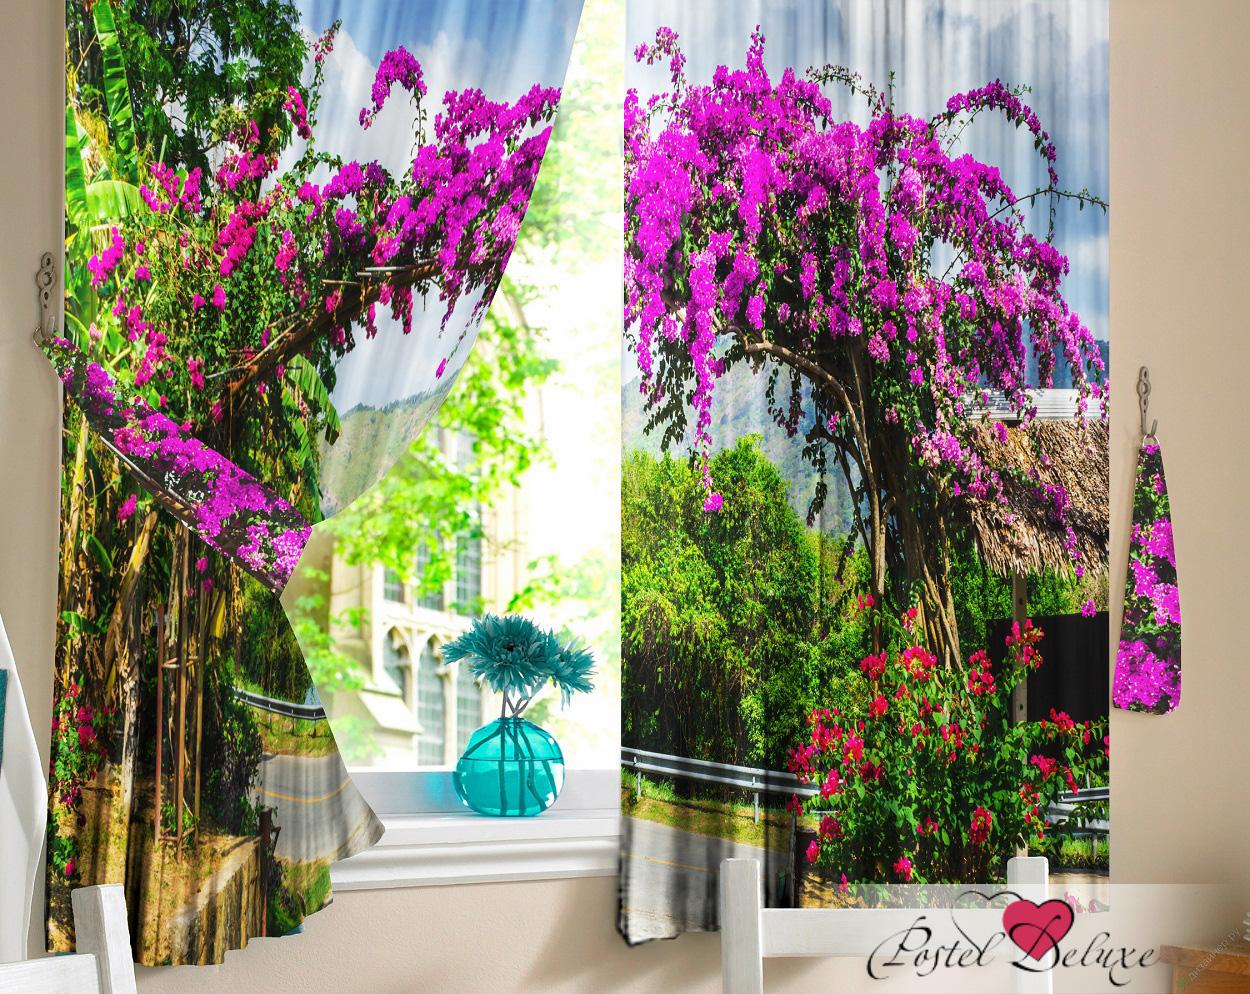 Купить Шторы Elegante, Фотошторы Цветочная Арка, Китай, Сиреневый, Габардин